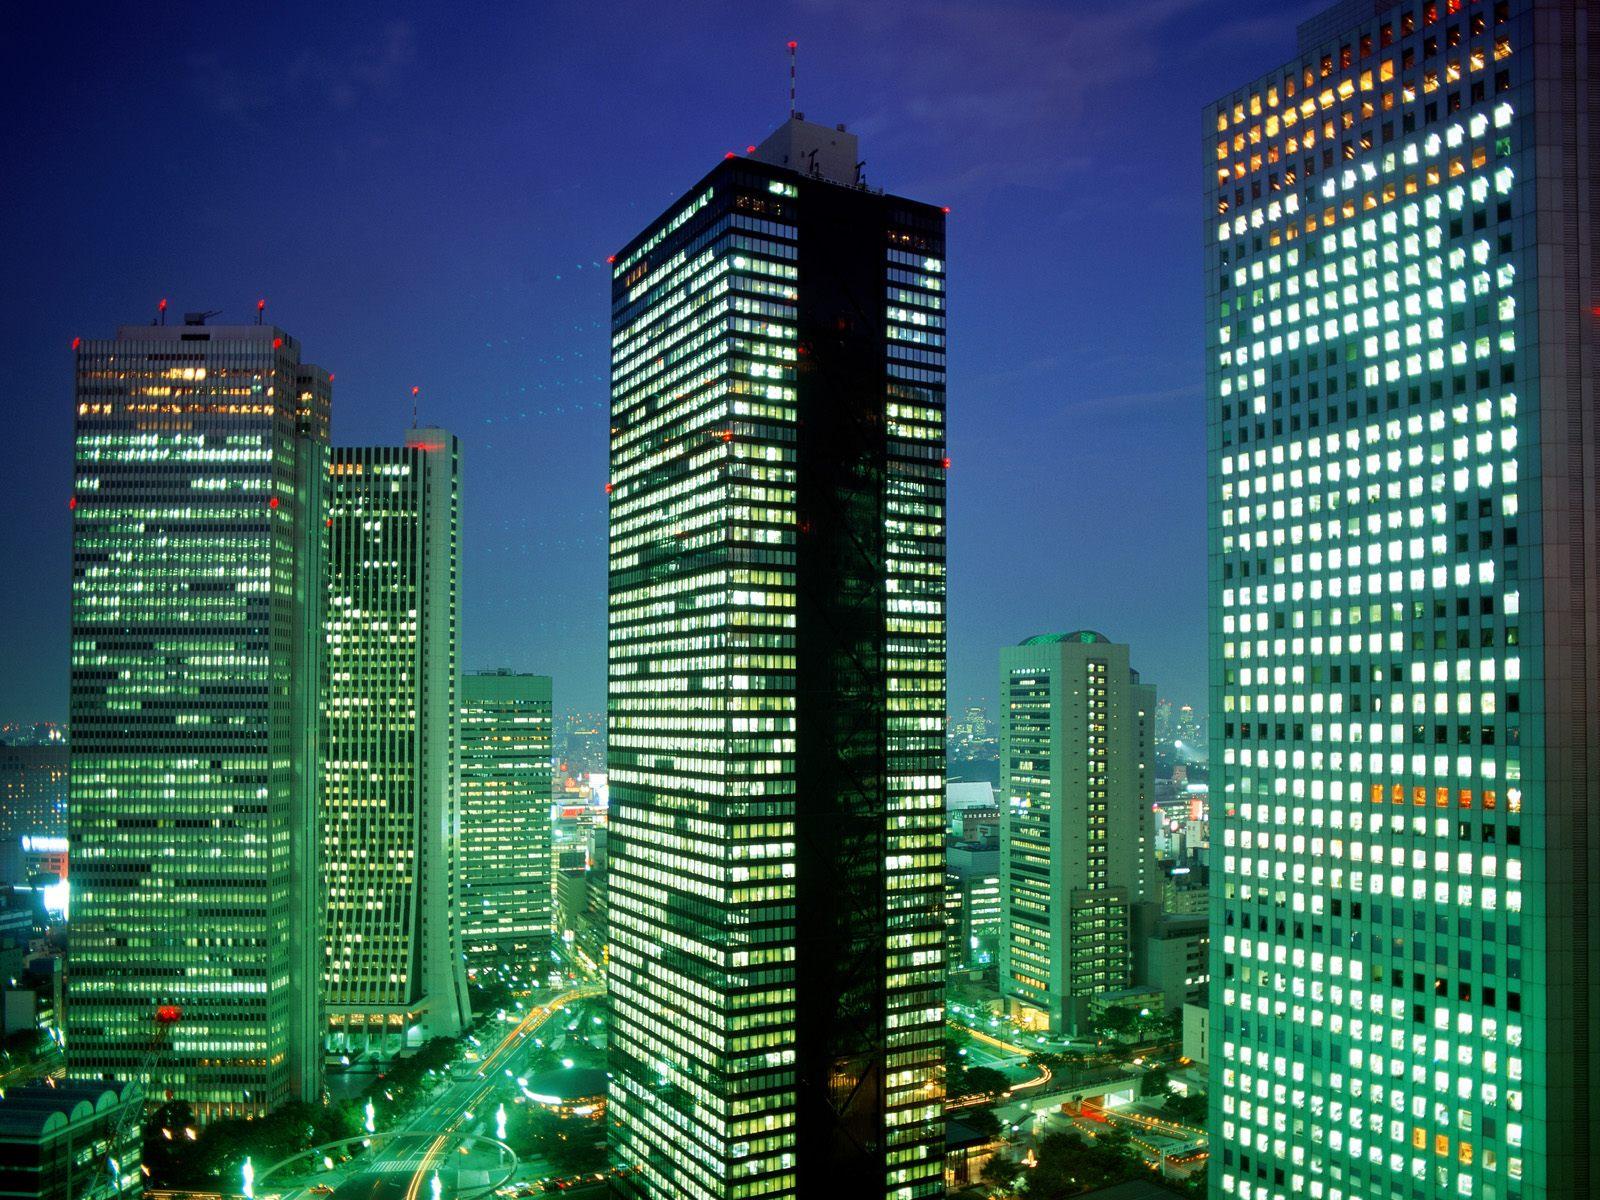 http://1.bp.blogspot.com/-NruDV-n3V98/T9wHXSu59sI/AAAAAAAAF5Q/nfsfrfX-zuc/s1600/Shinjuku_District.jpg